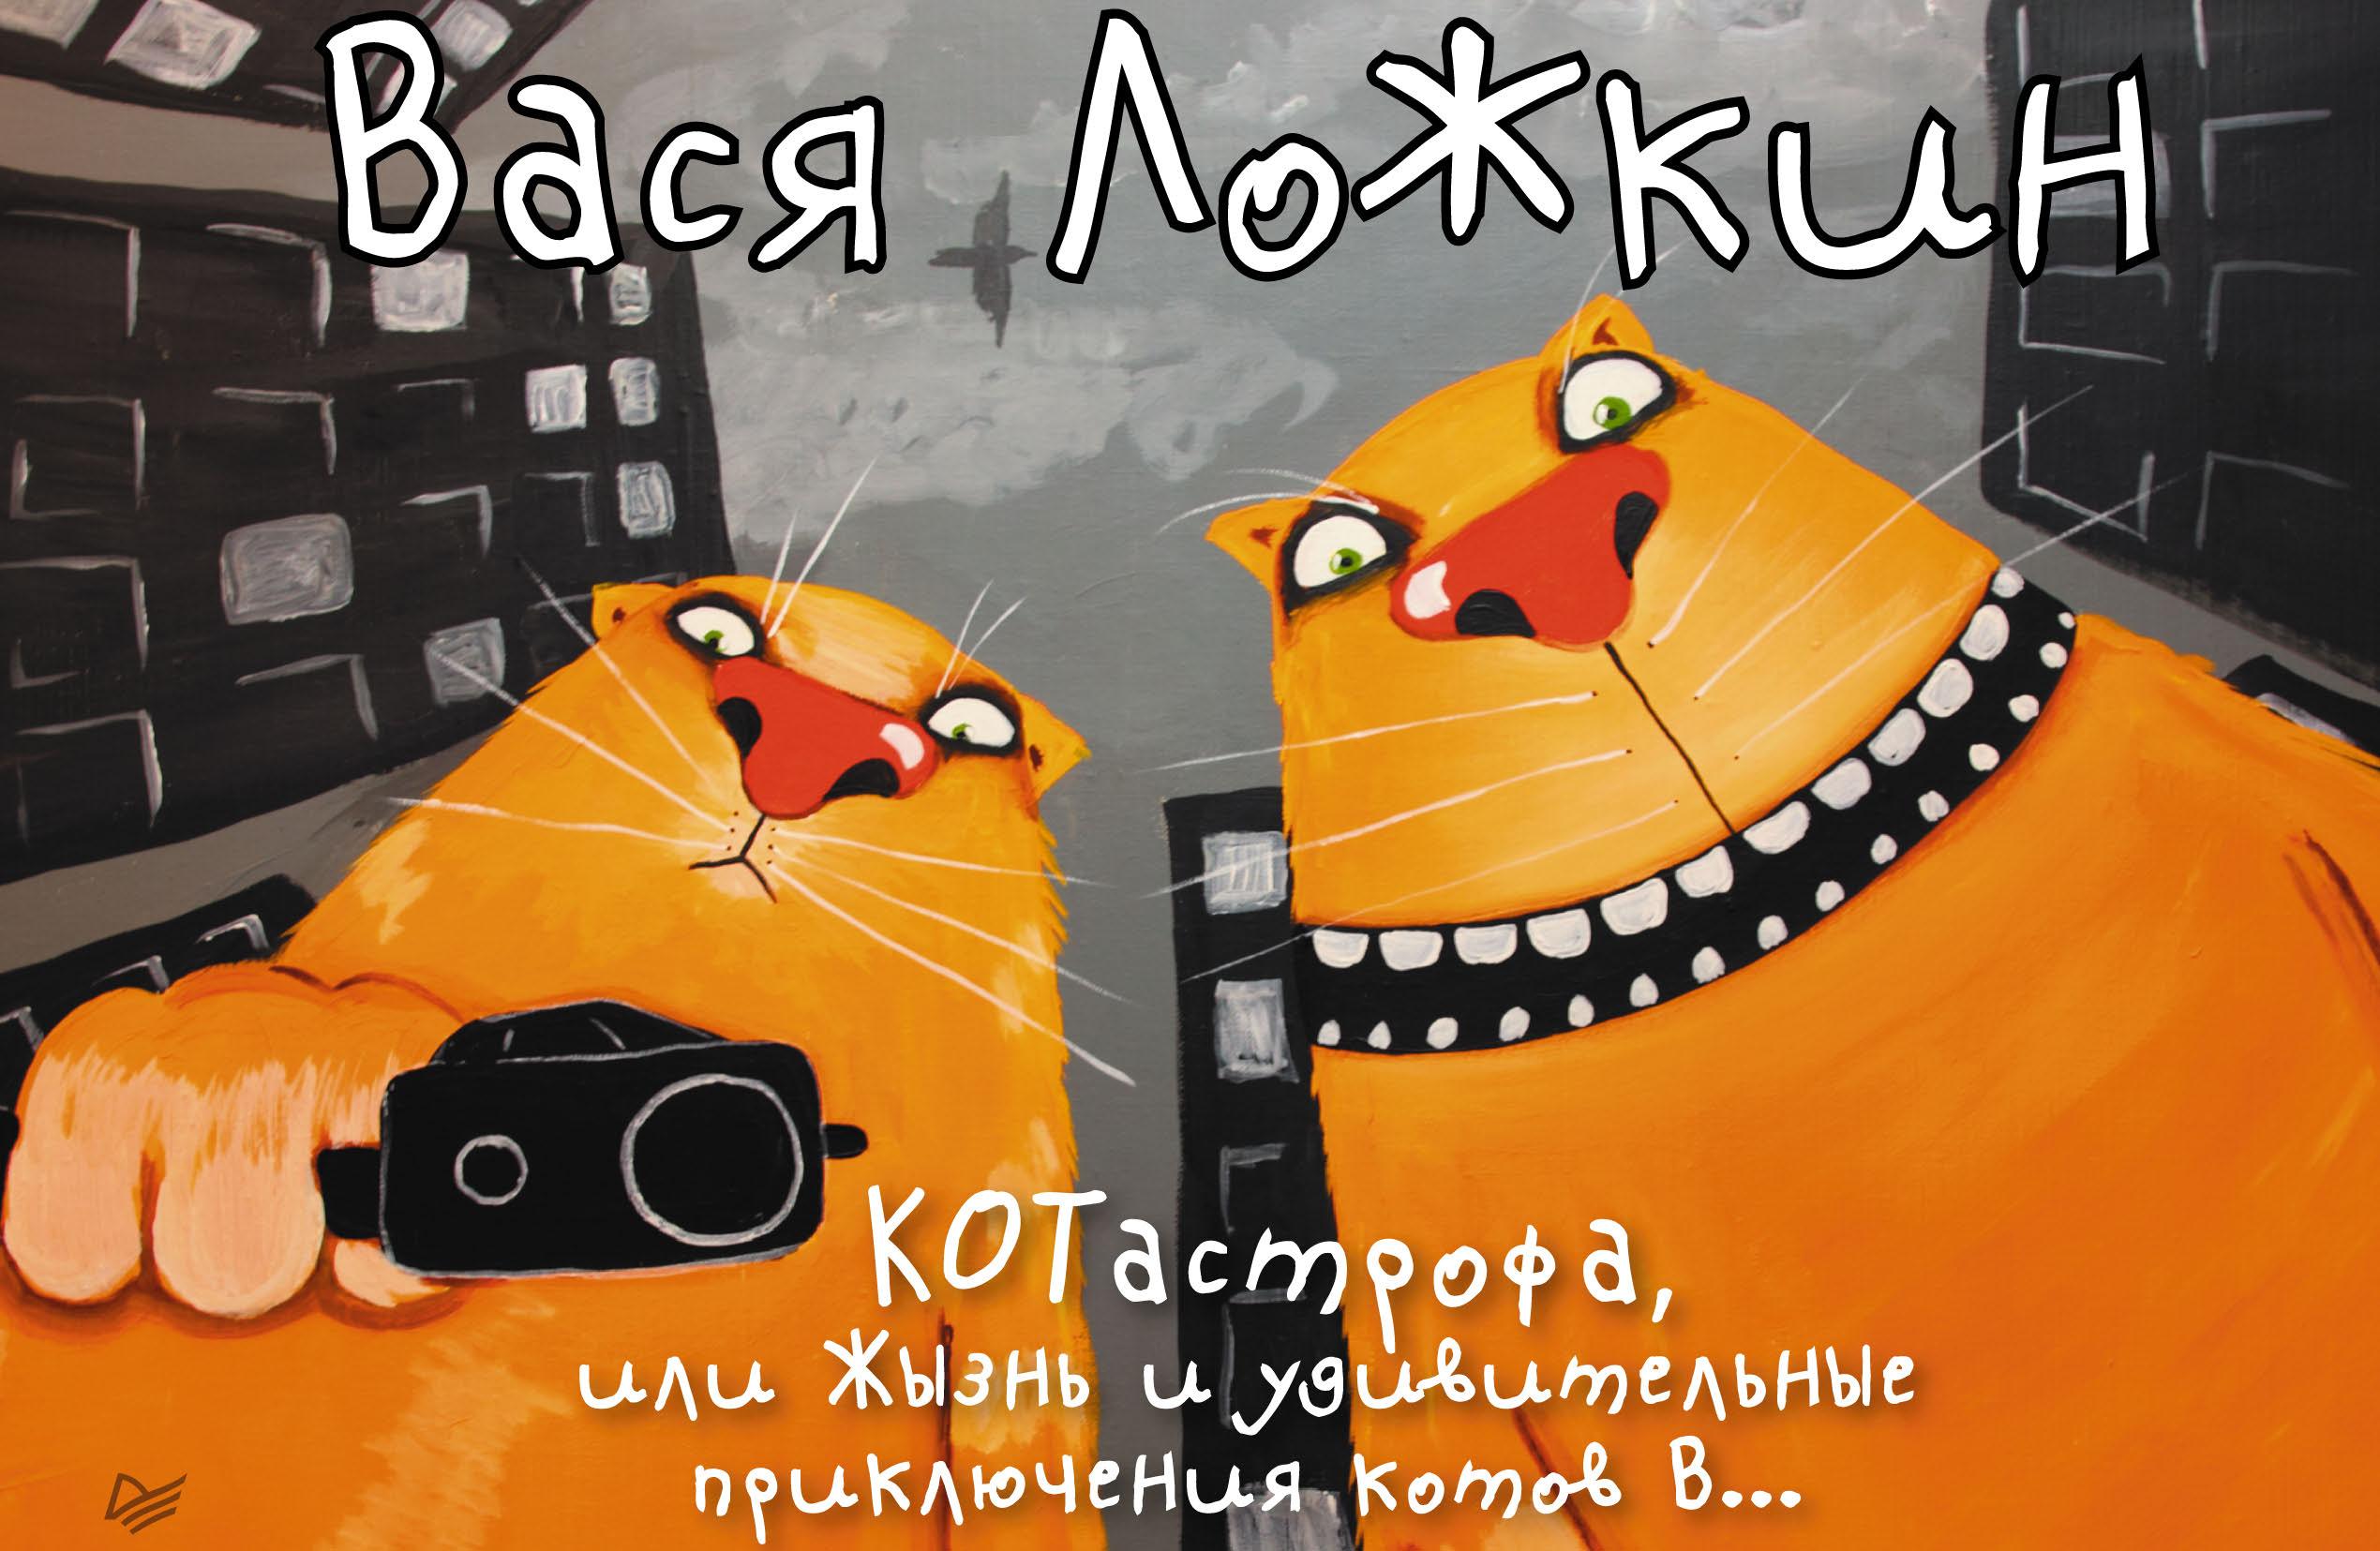 Вася Ложкин КОТастрофа, или Жызнь и удивительные приключения котов В… ложкин в котастрофа или жызнь и удивительные приключения котов в…